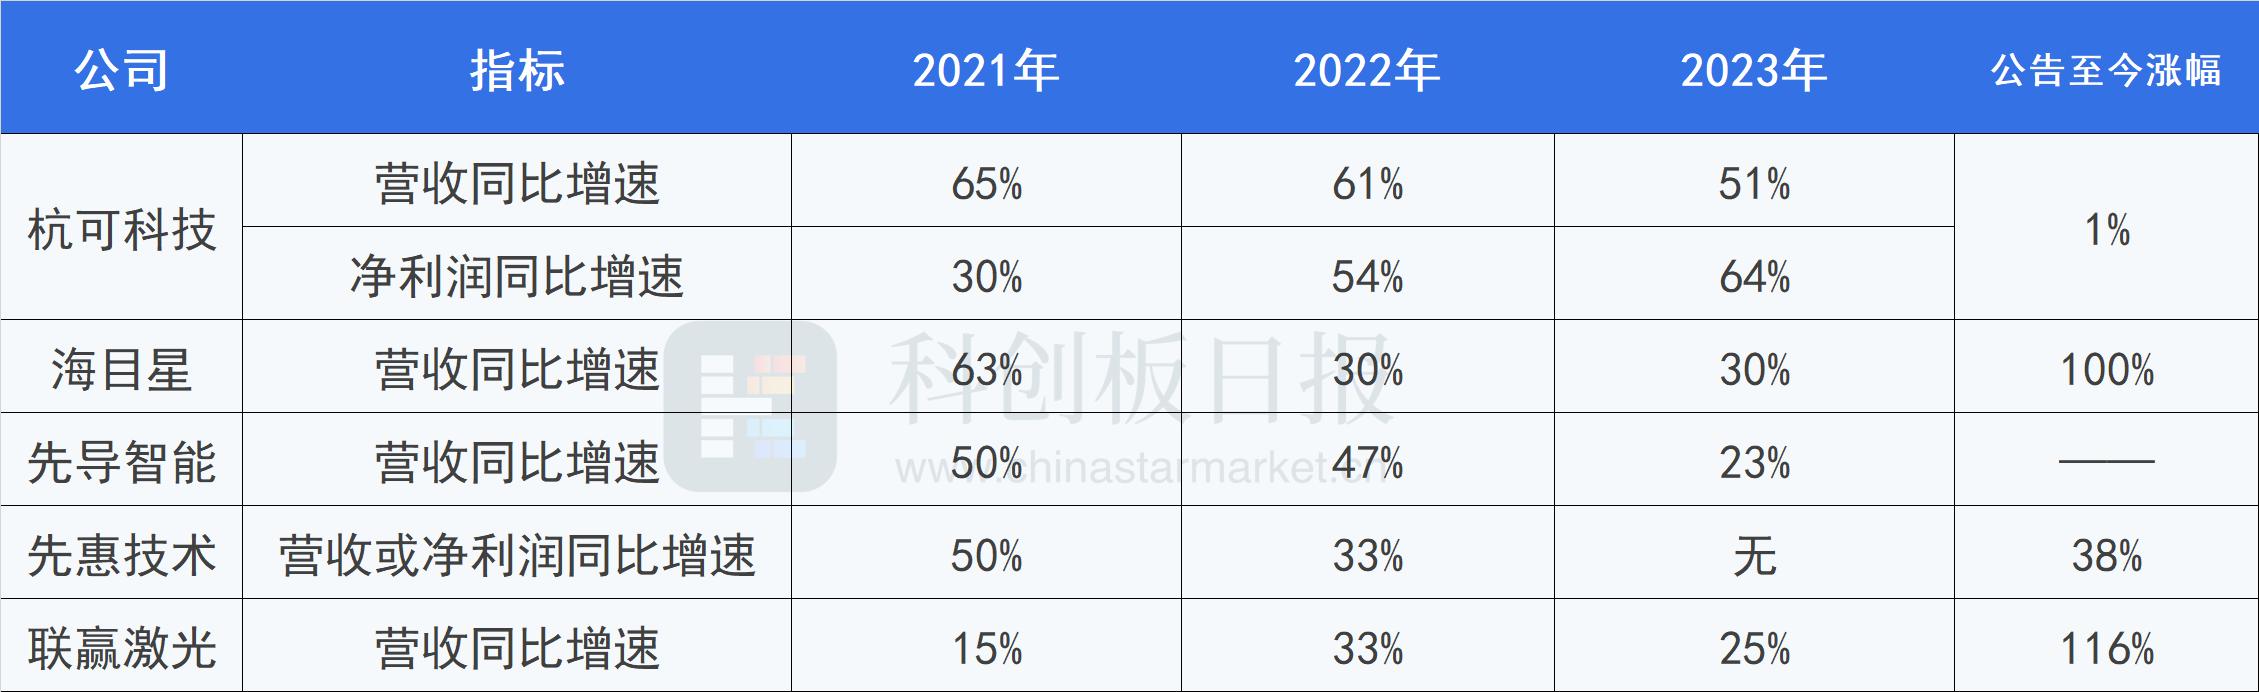 锂电池产能大幅跃进成趋向 高门槛股权鼓励成设备公司标配  锂电池设备 股票 锂电池 第2张